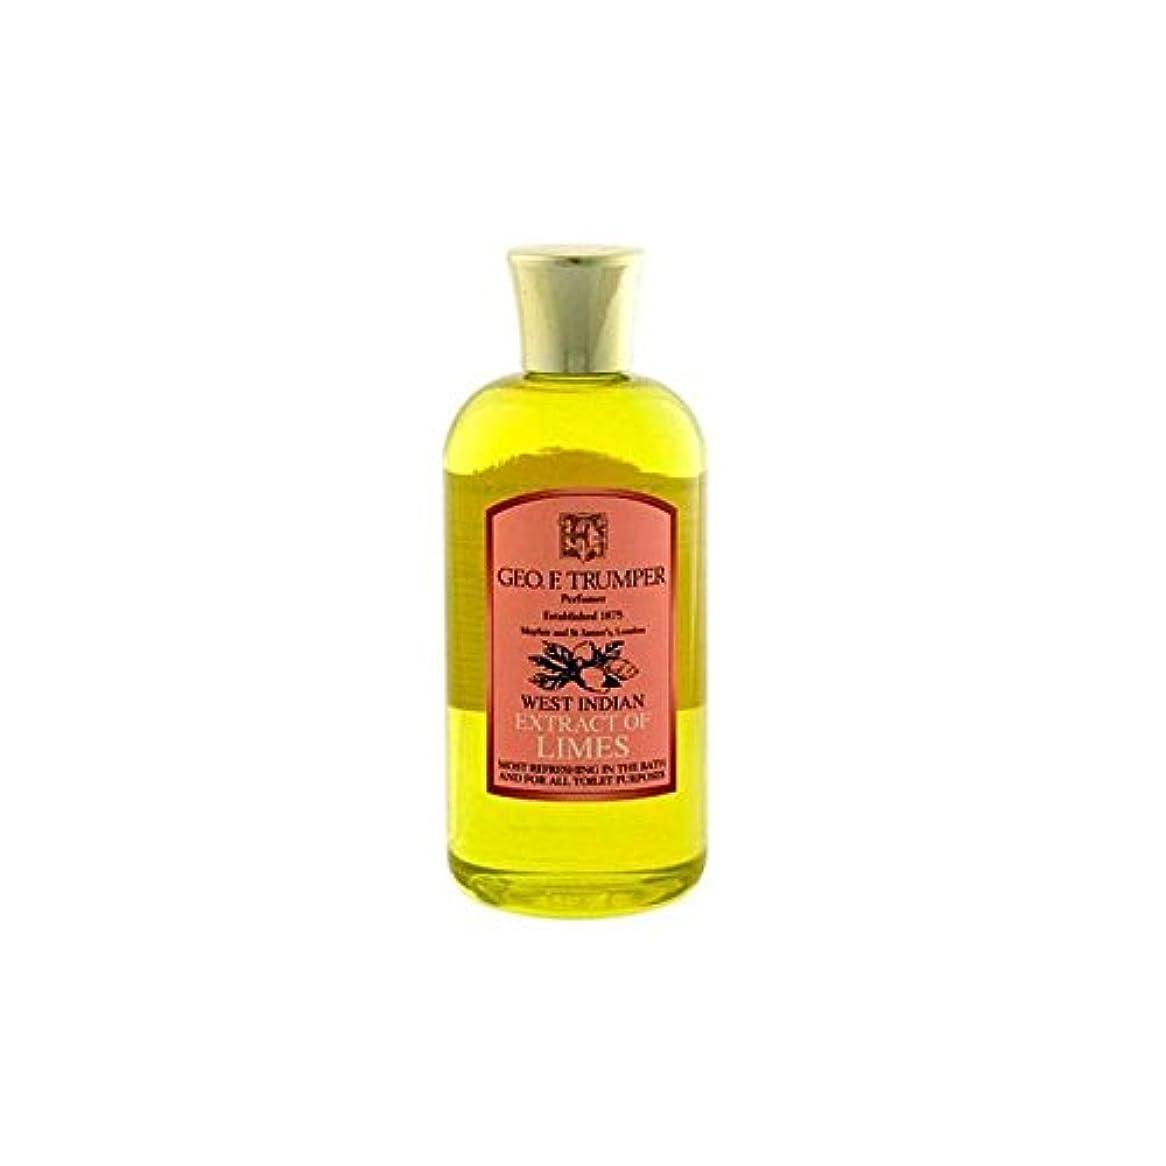 名詞溝眠いですライムのバスタブとシャワージェル200の抽出物を x2 - Trumpers Extracts of Limes Bath and Shower Gel 200ml (Pack of 2) [並行輸入品]